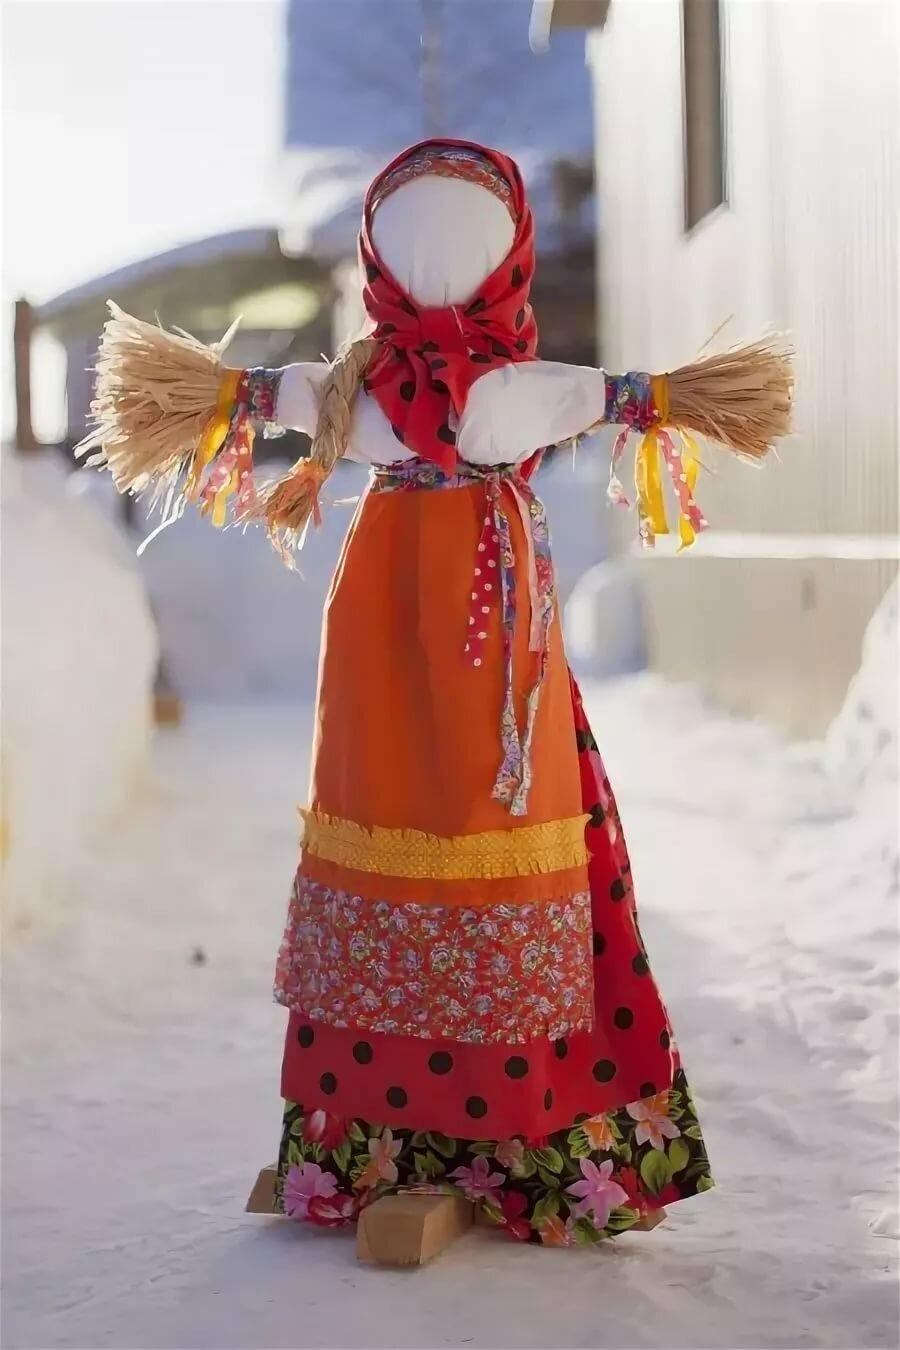 Мастер-класс на тему «кукла «масленица домашняя» из мочала с ленточками-пожеланиями»